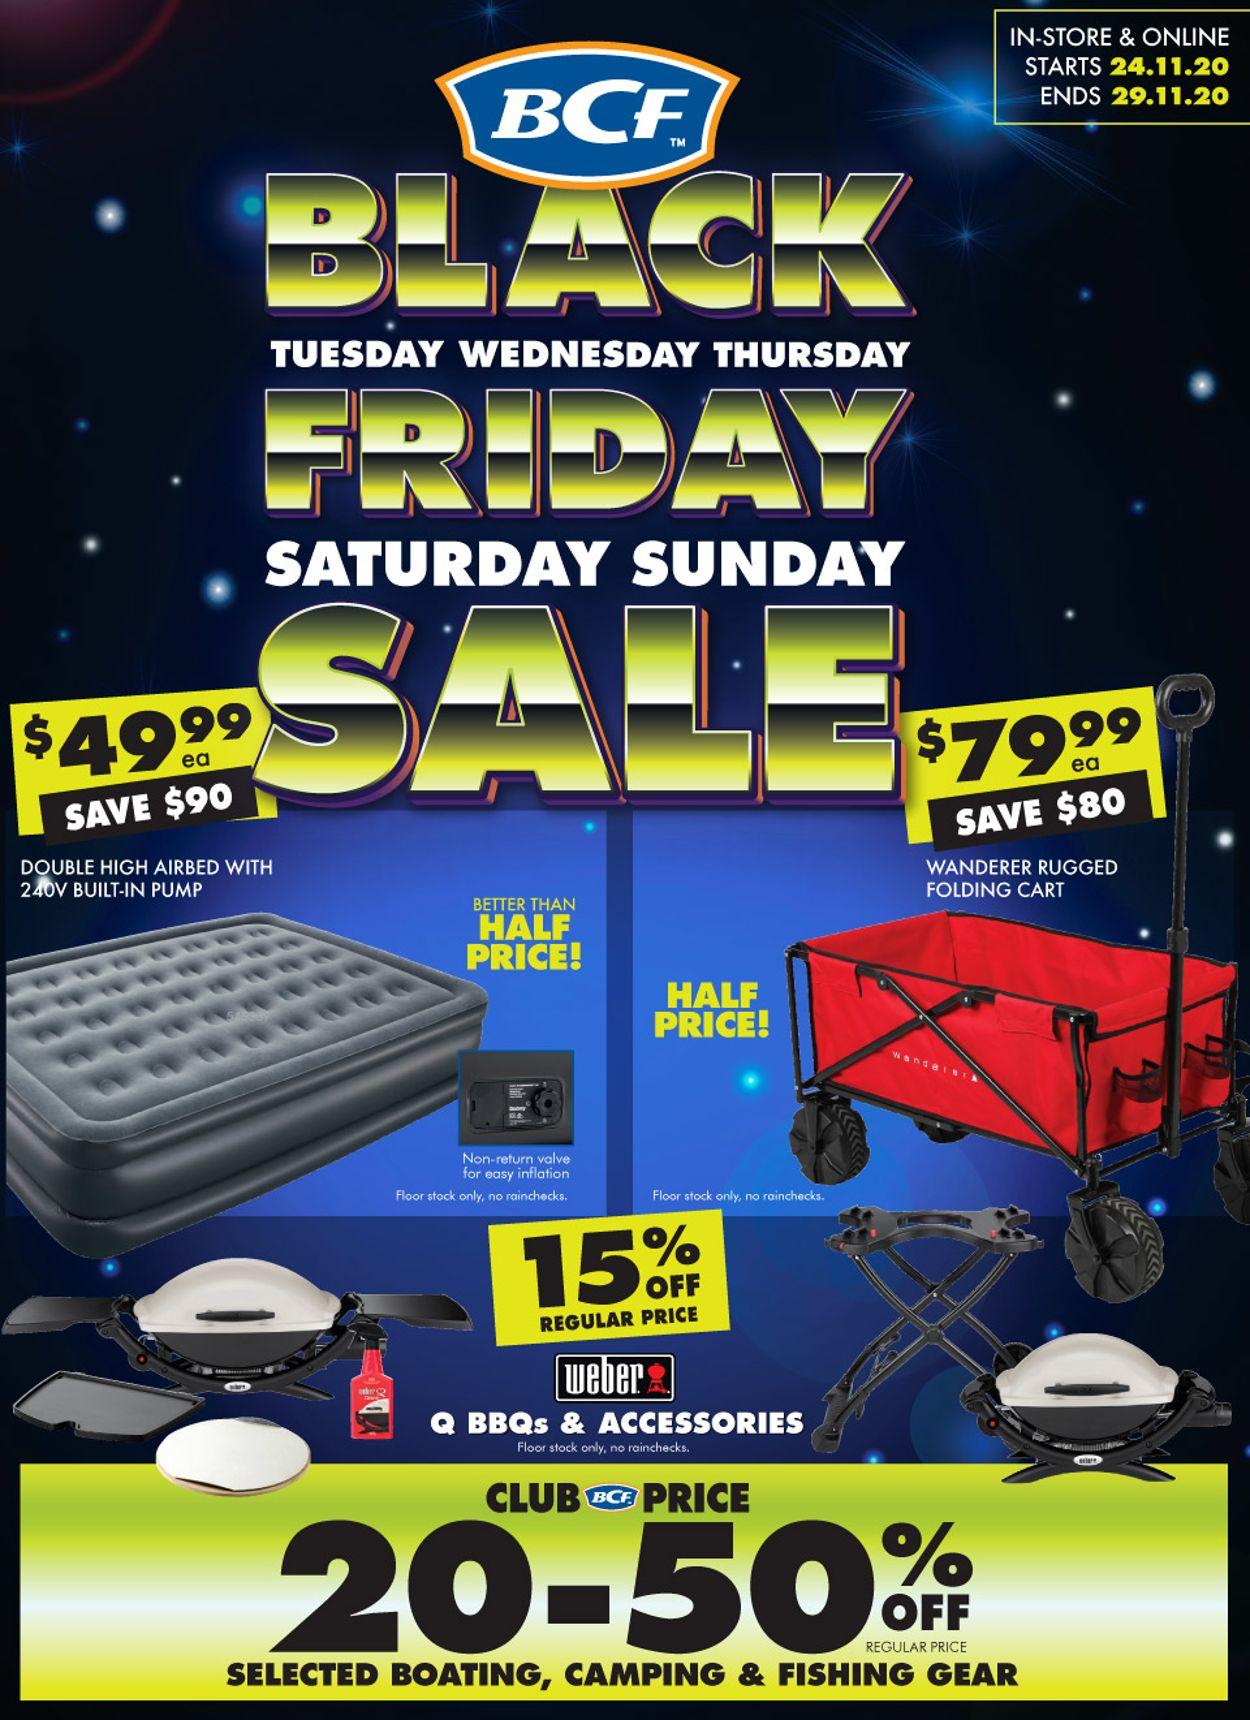 BCF - Black Friday 2020 Catalogue - 24/11-29/11/2020